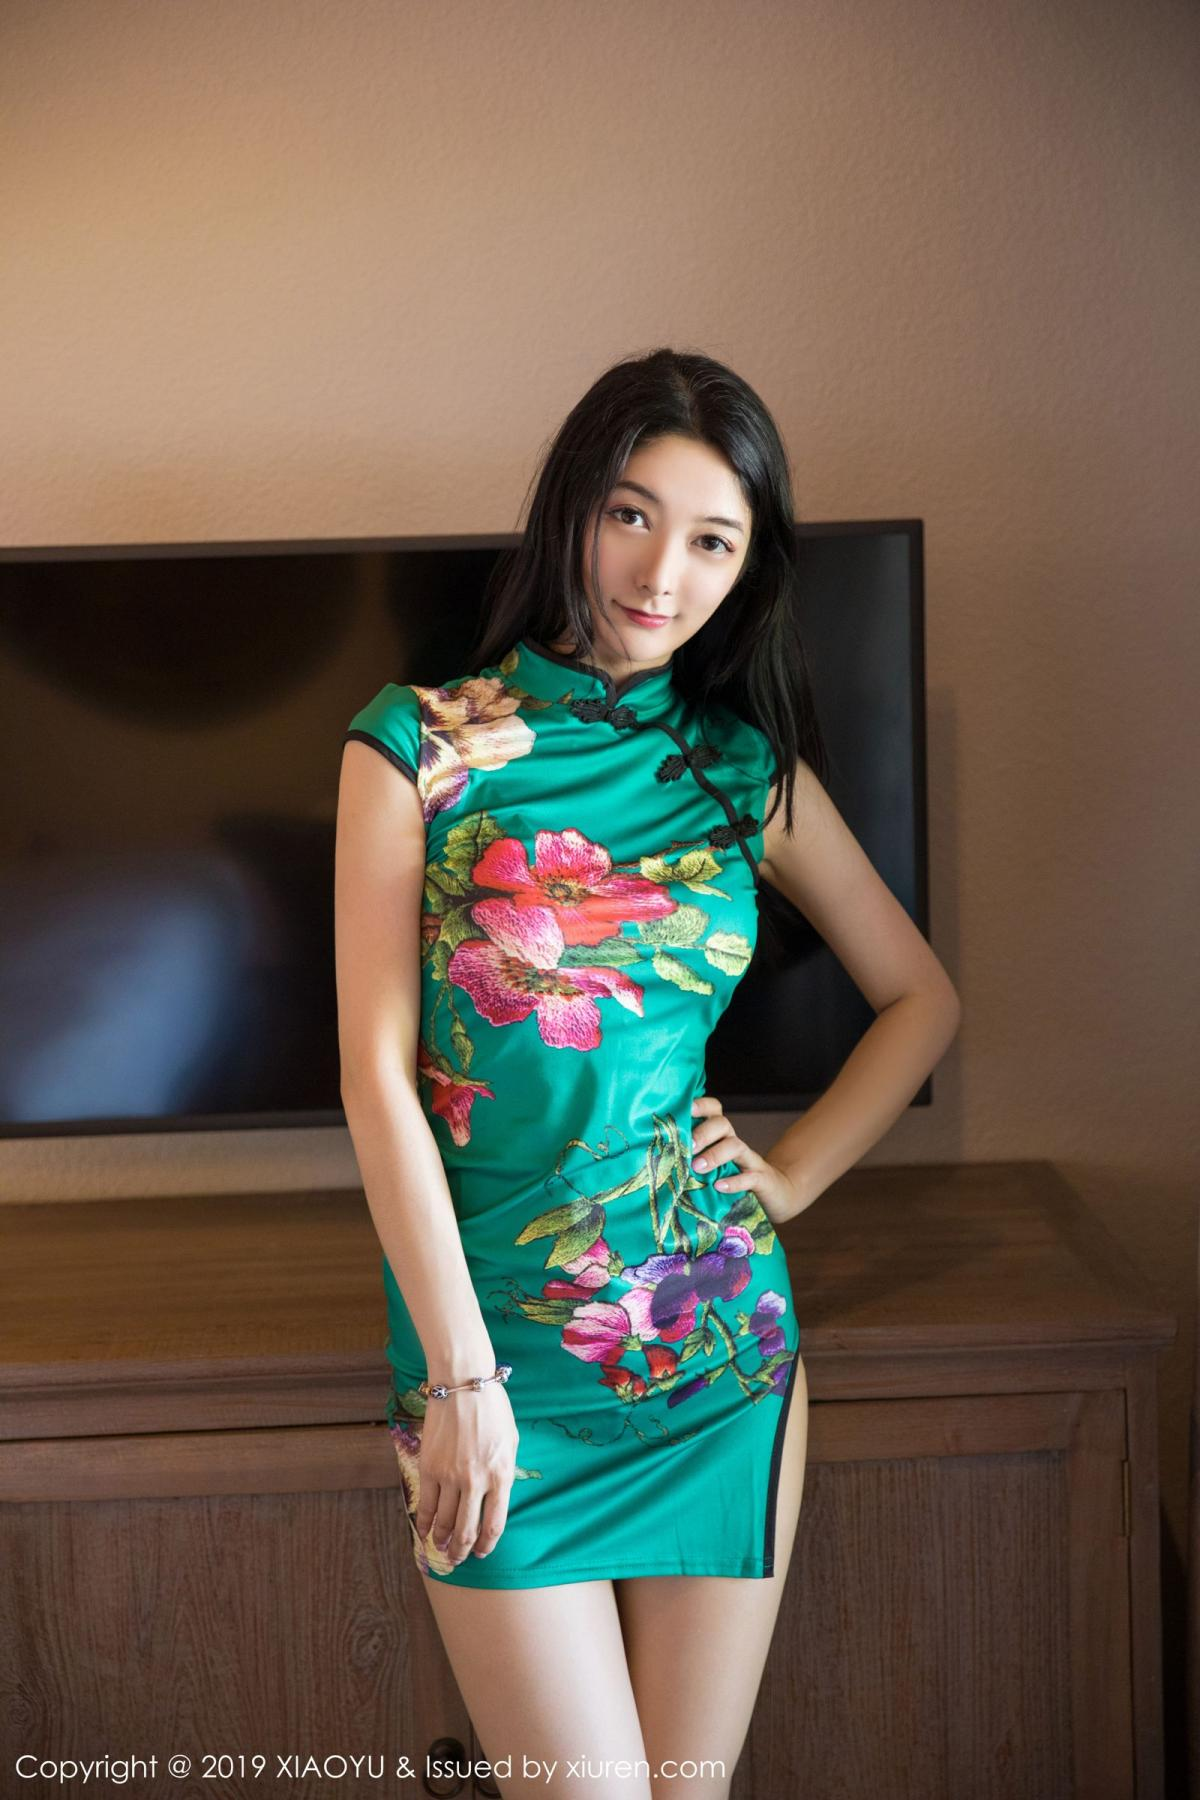 [XiaoYu] Vol.193 Xiao Re Ba 13P, Cheongsam, Di Yi, XiaoYu